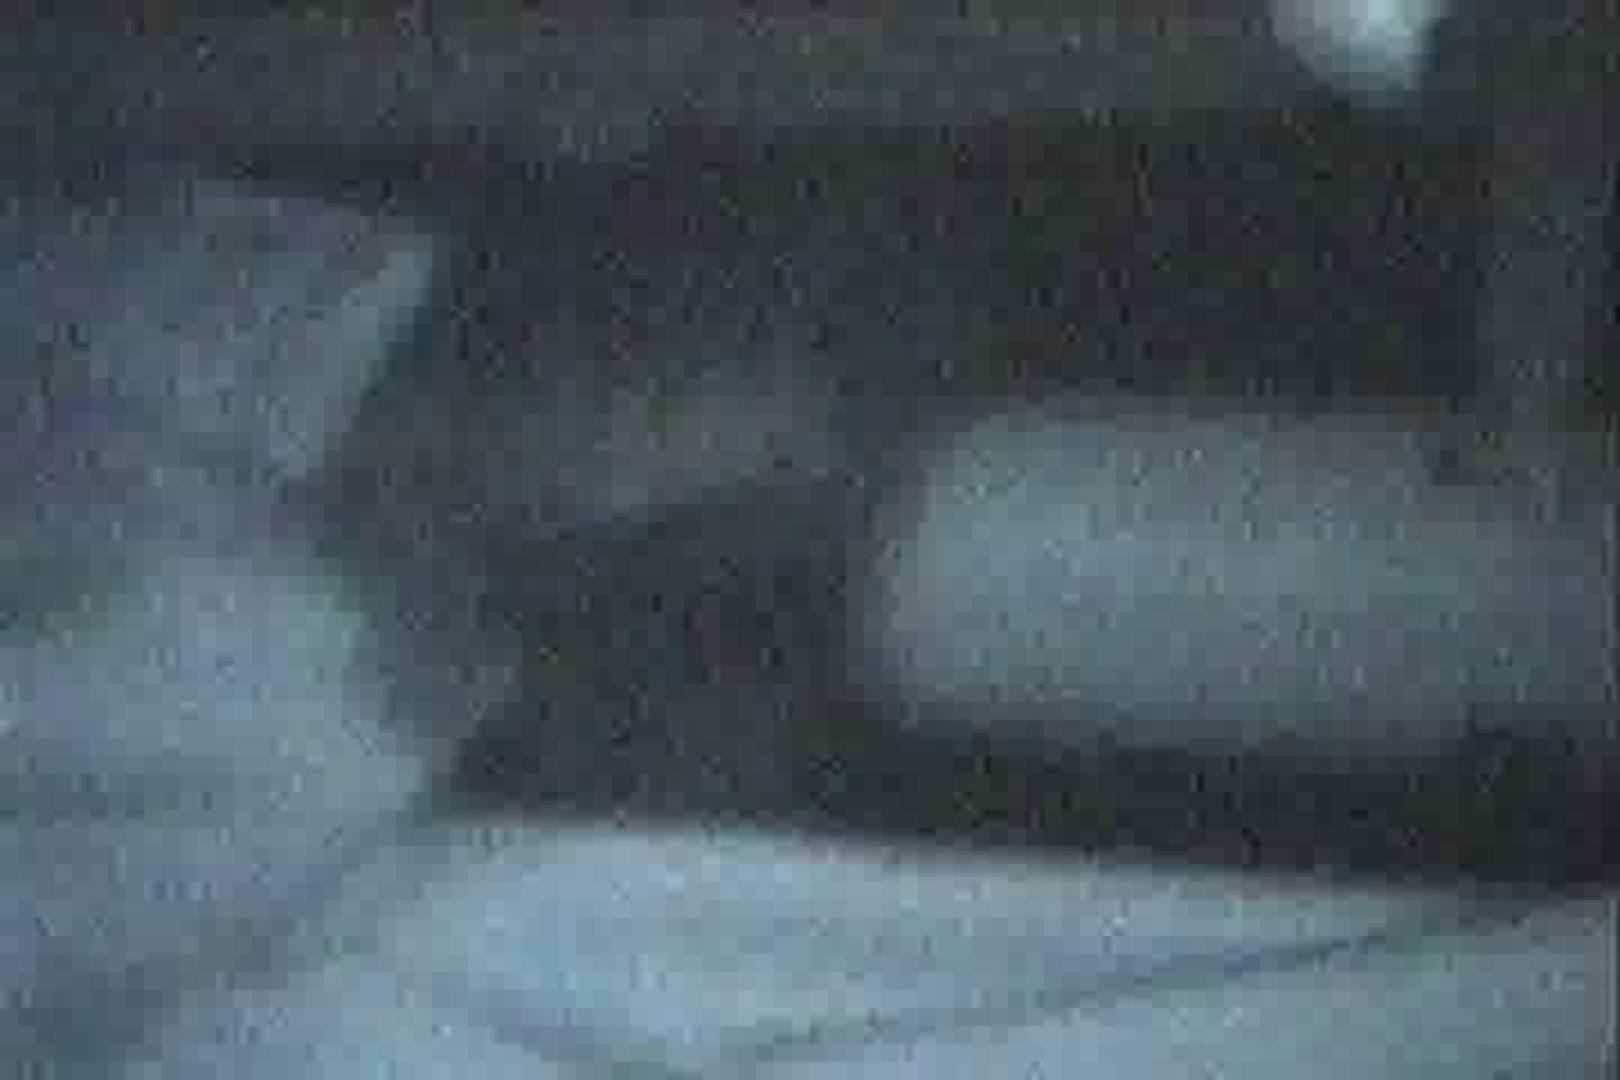 充血監督の深夜の運動会Vol.14 OLすけべ画像 | お尻  63連発 19